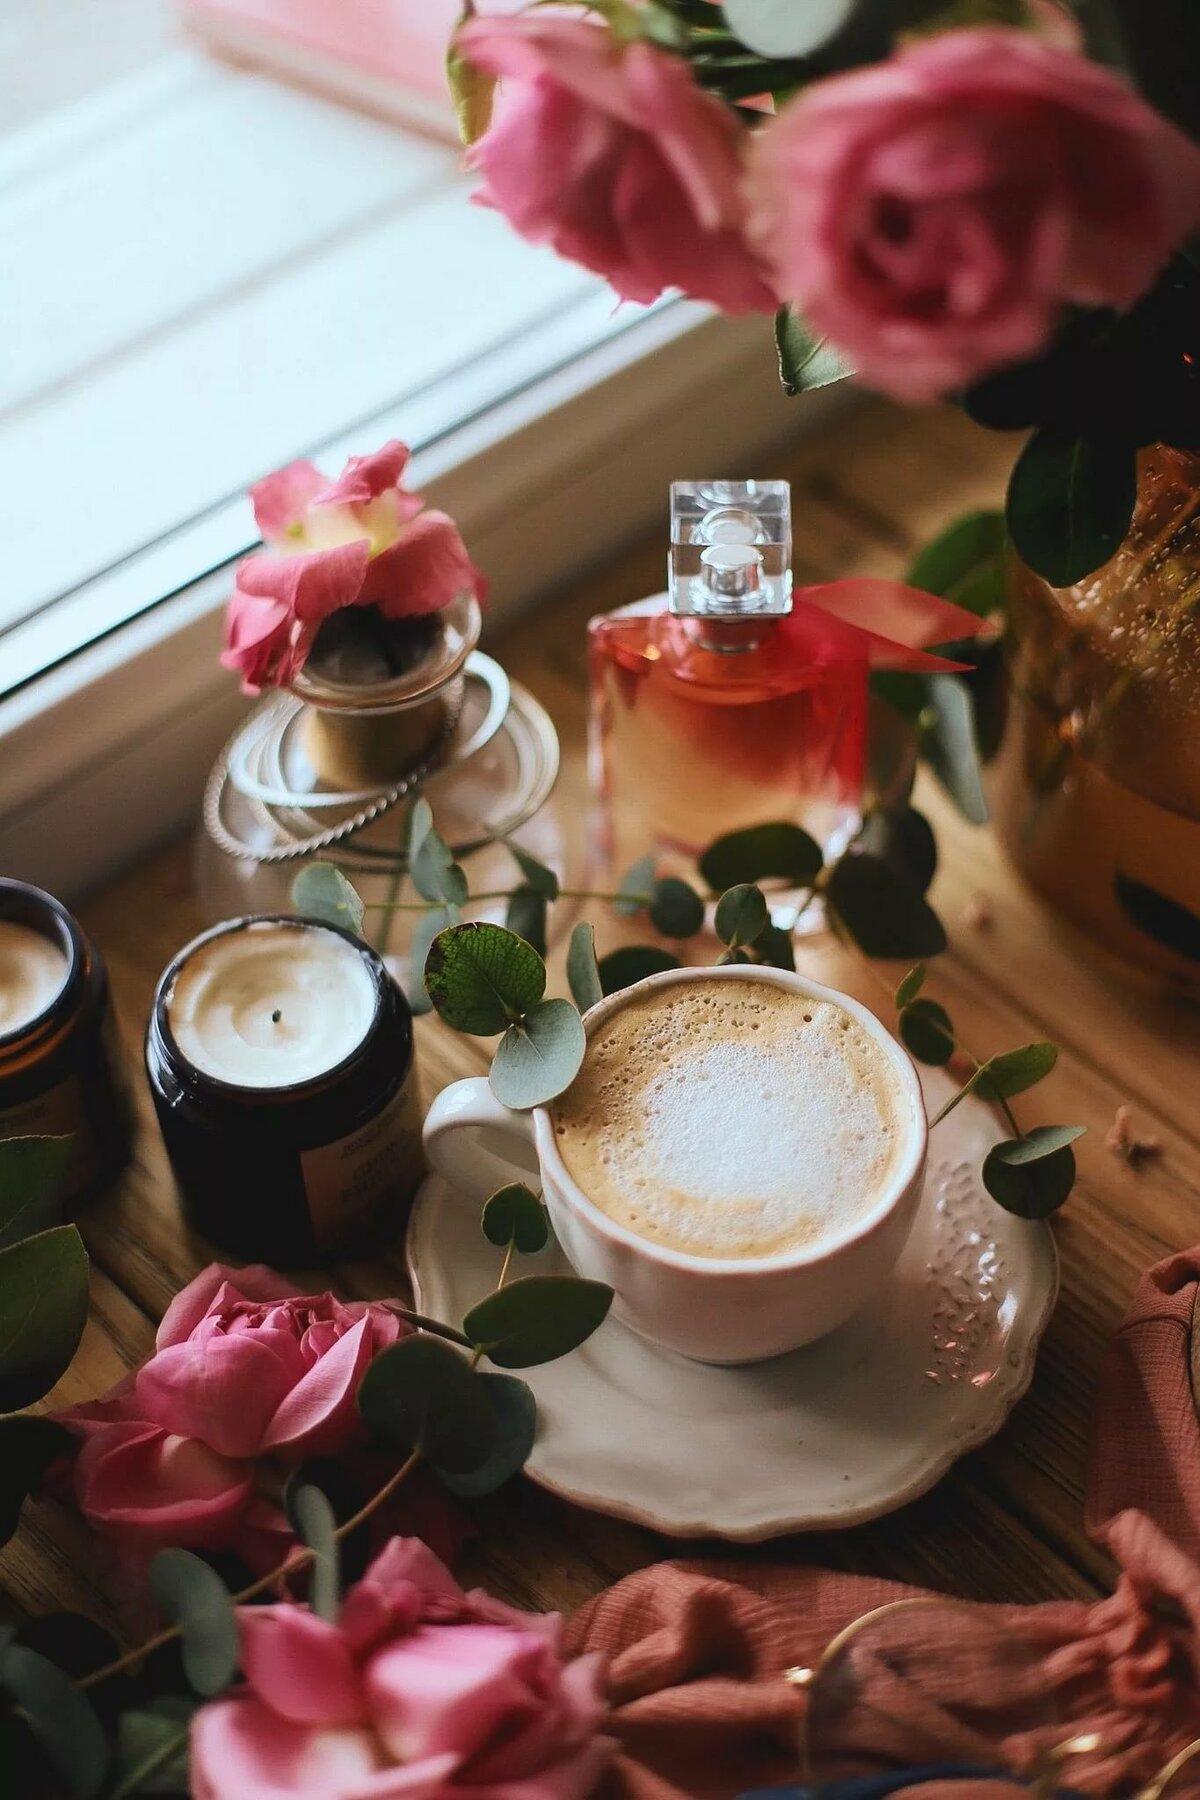 тени красивые фото цветы и кофе интернет-магазине